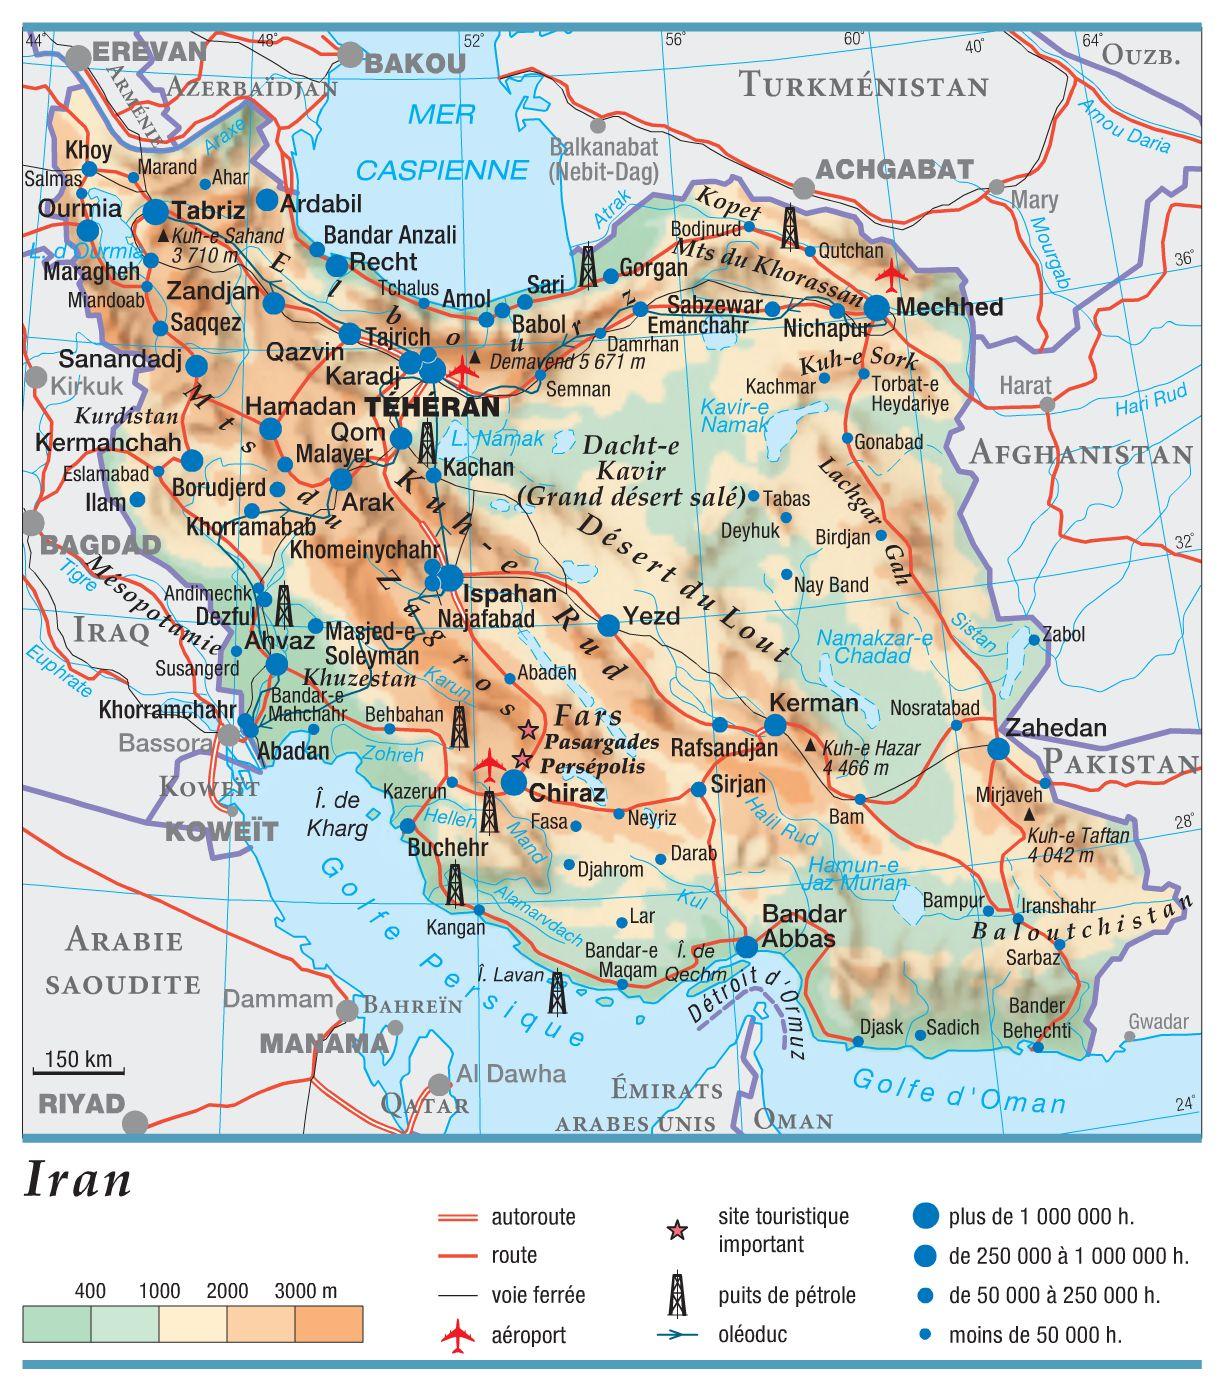 Carte de l'Iran - Politique